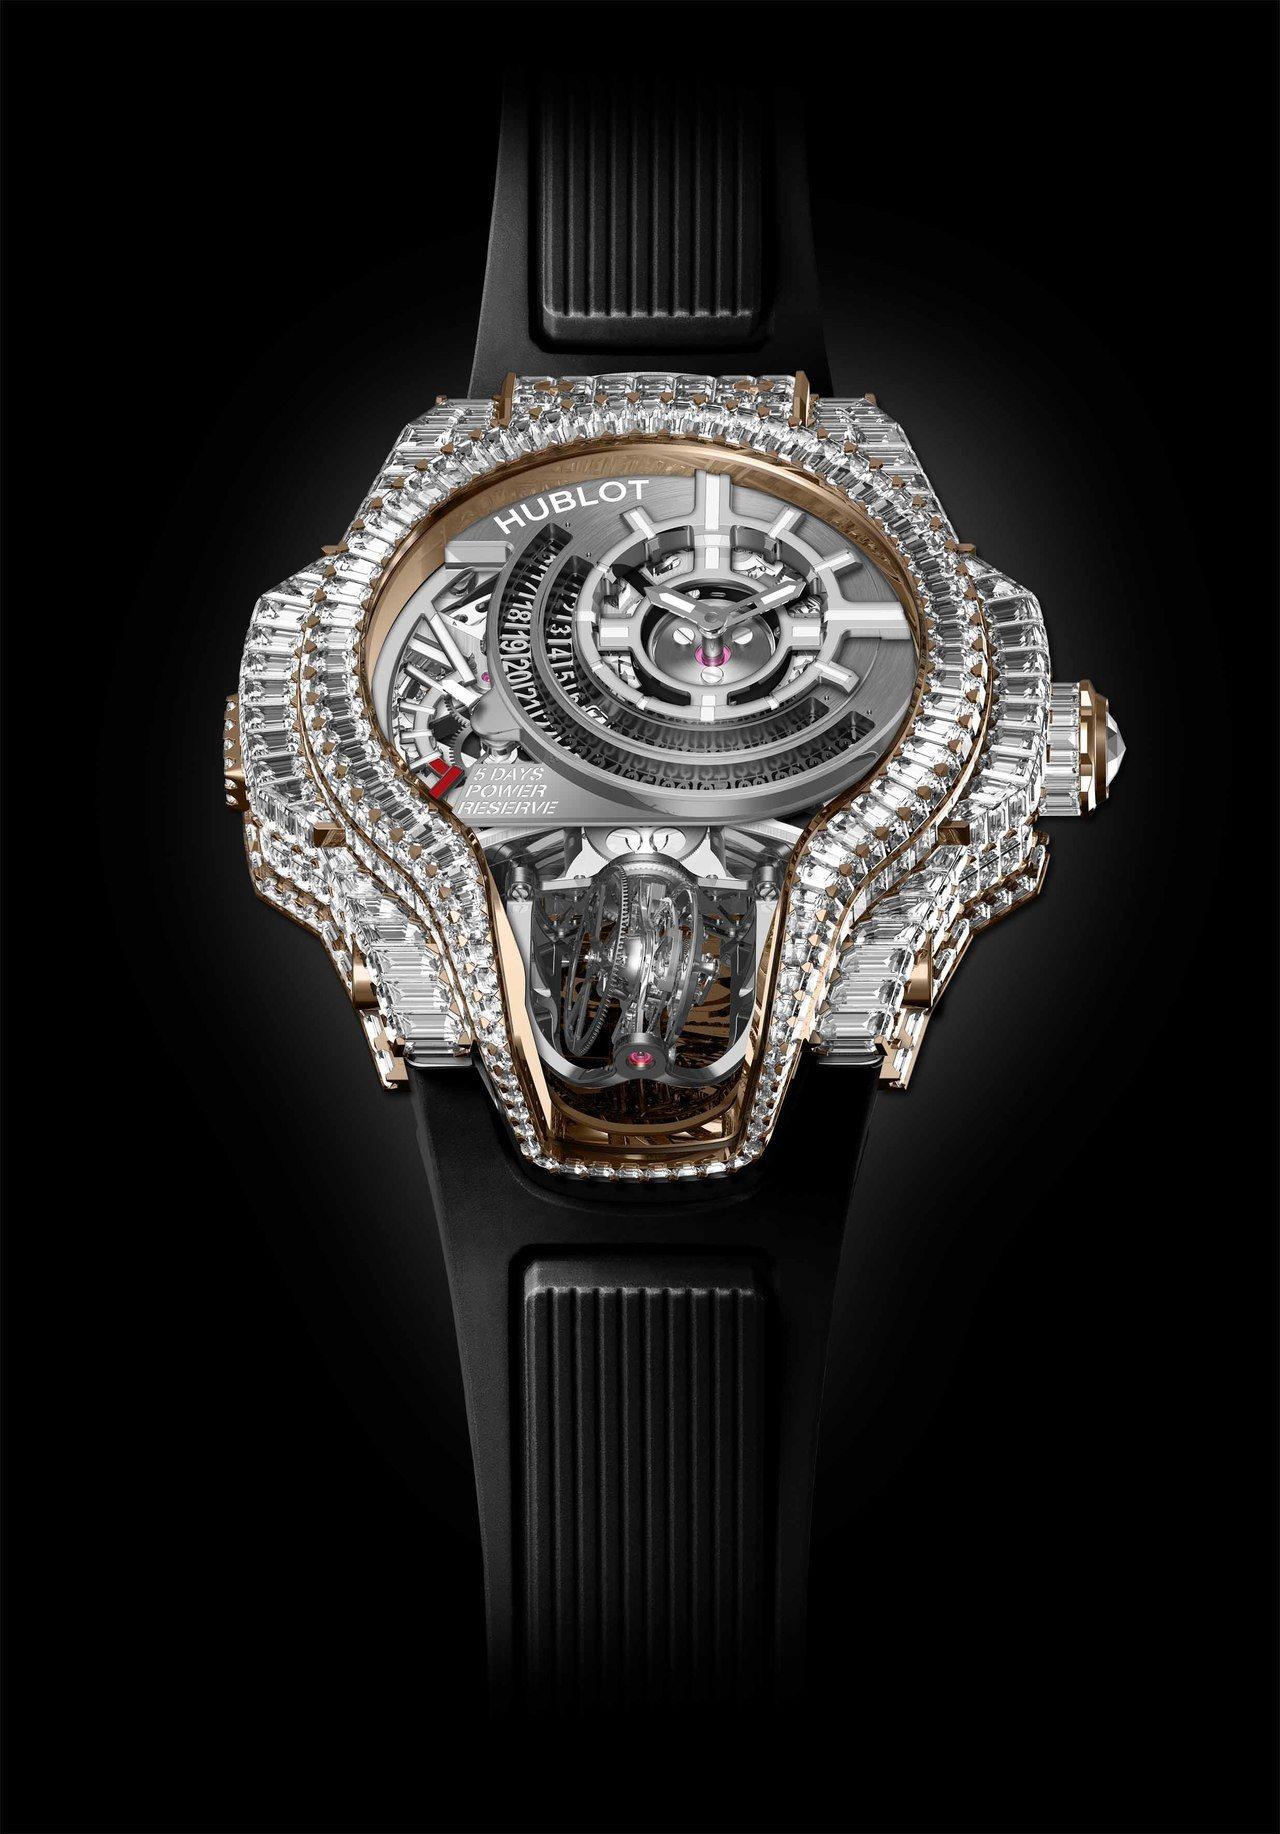 C羅配戴的宇舶MP-09特製款雙軸陀飛輪腕表,18K皇金表殼鑲嵌鑽石,粗估超過3...